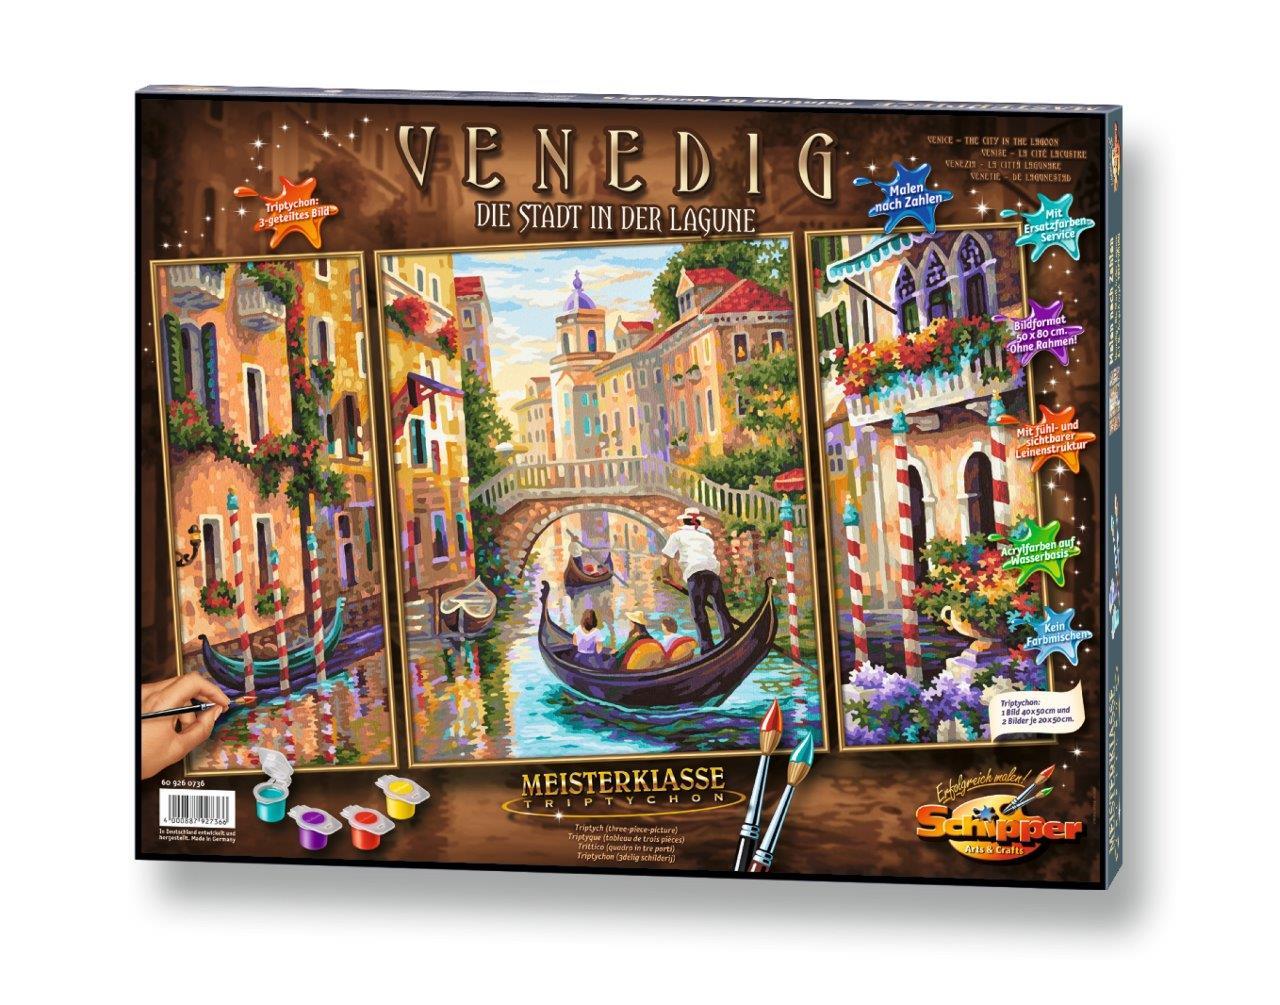 MNZ-Venedig-Die Stadt in der Lagune